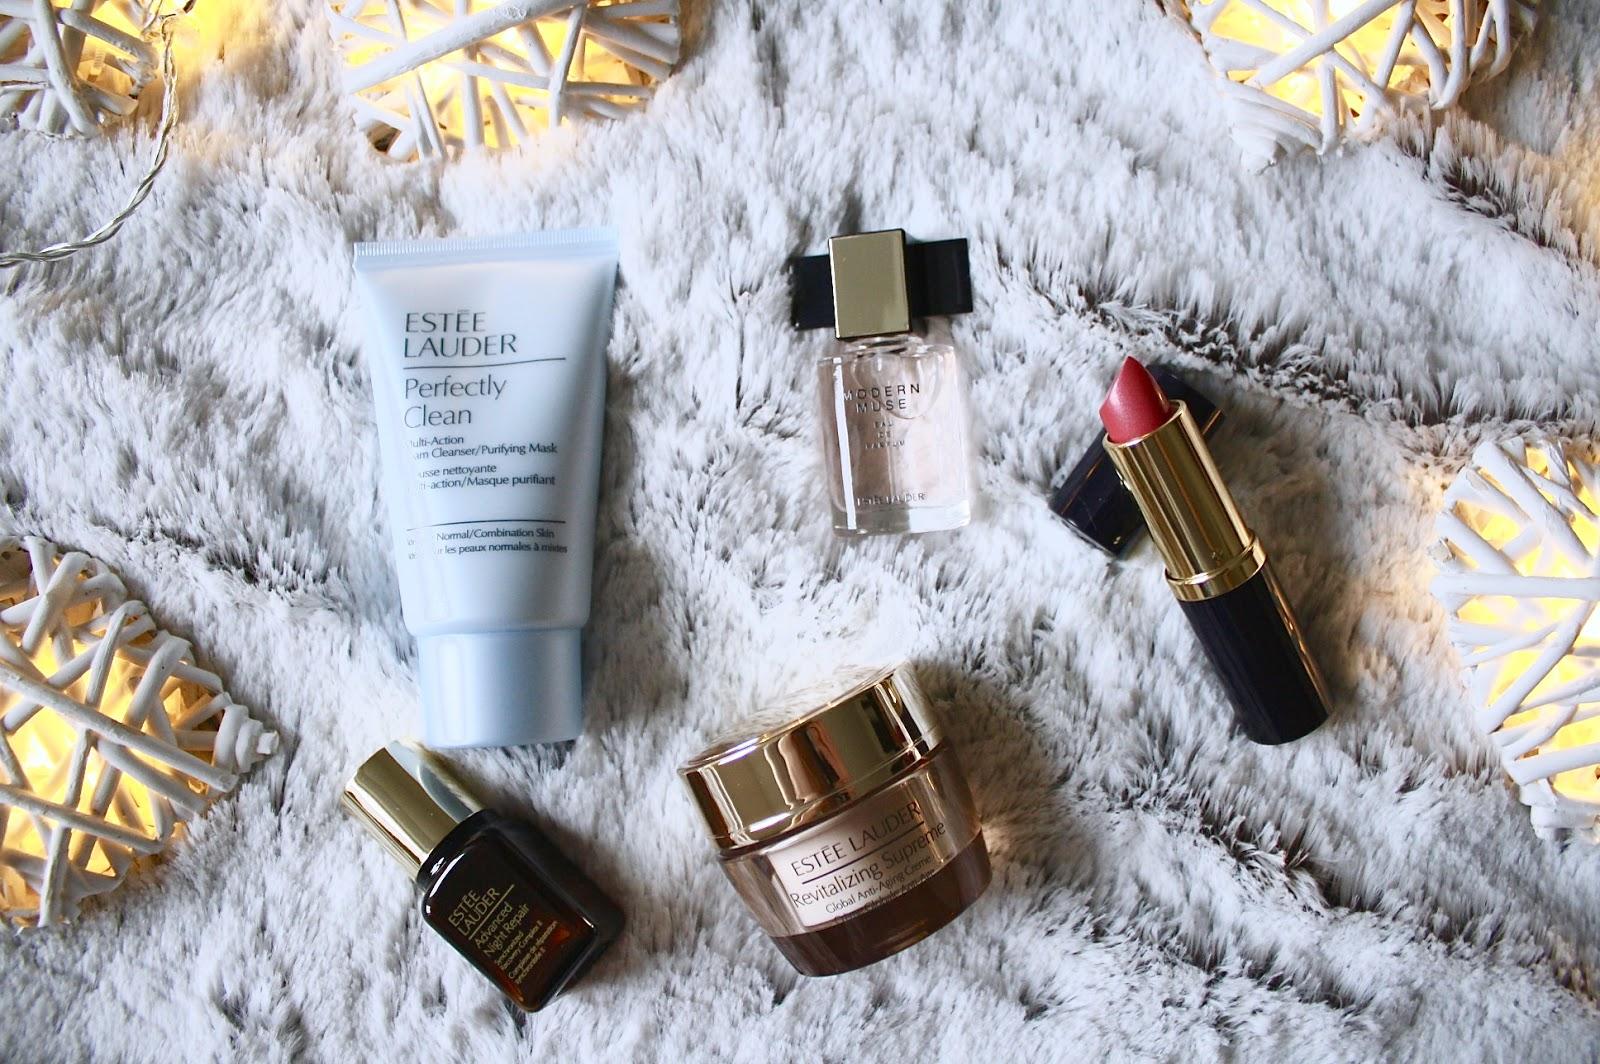 Estee Lauder Skincare Samples